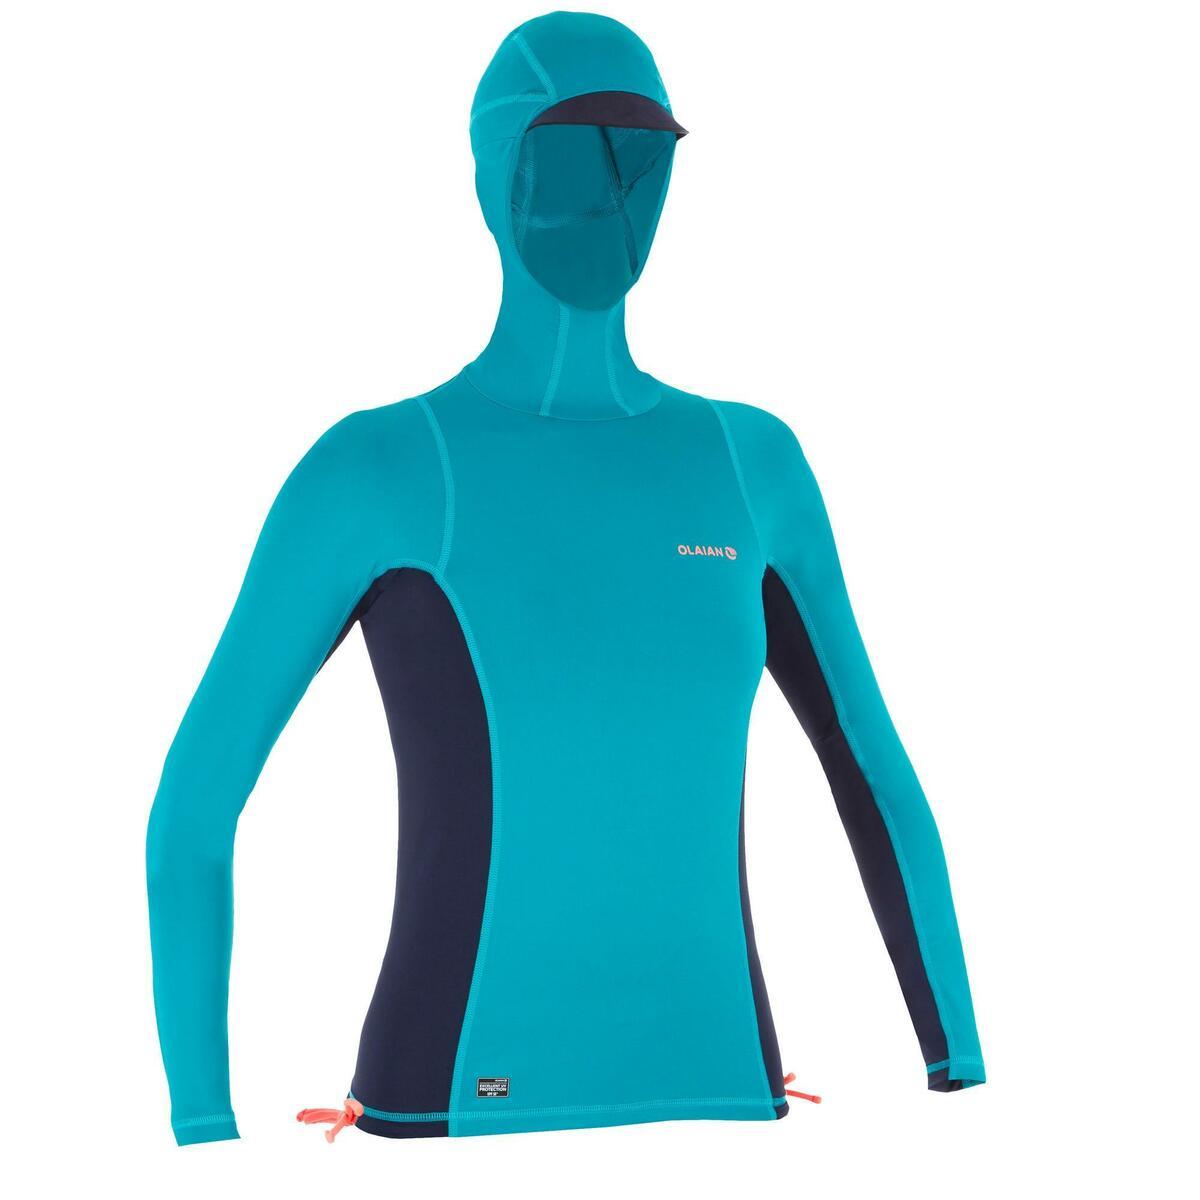 Bild 1 von UV-Shirt Surfen Top 500 mit Kapuze Damen blau/grün